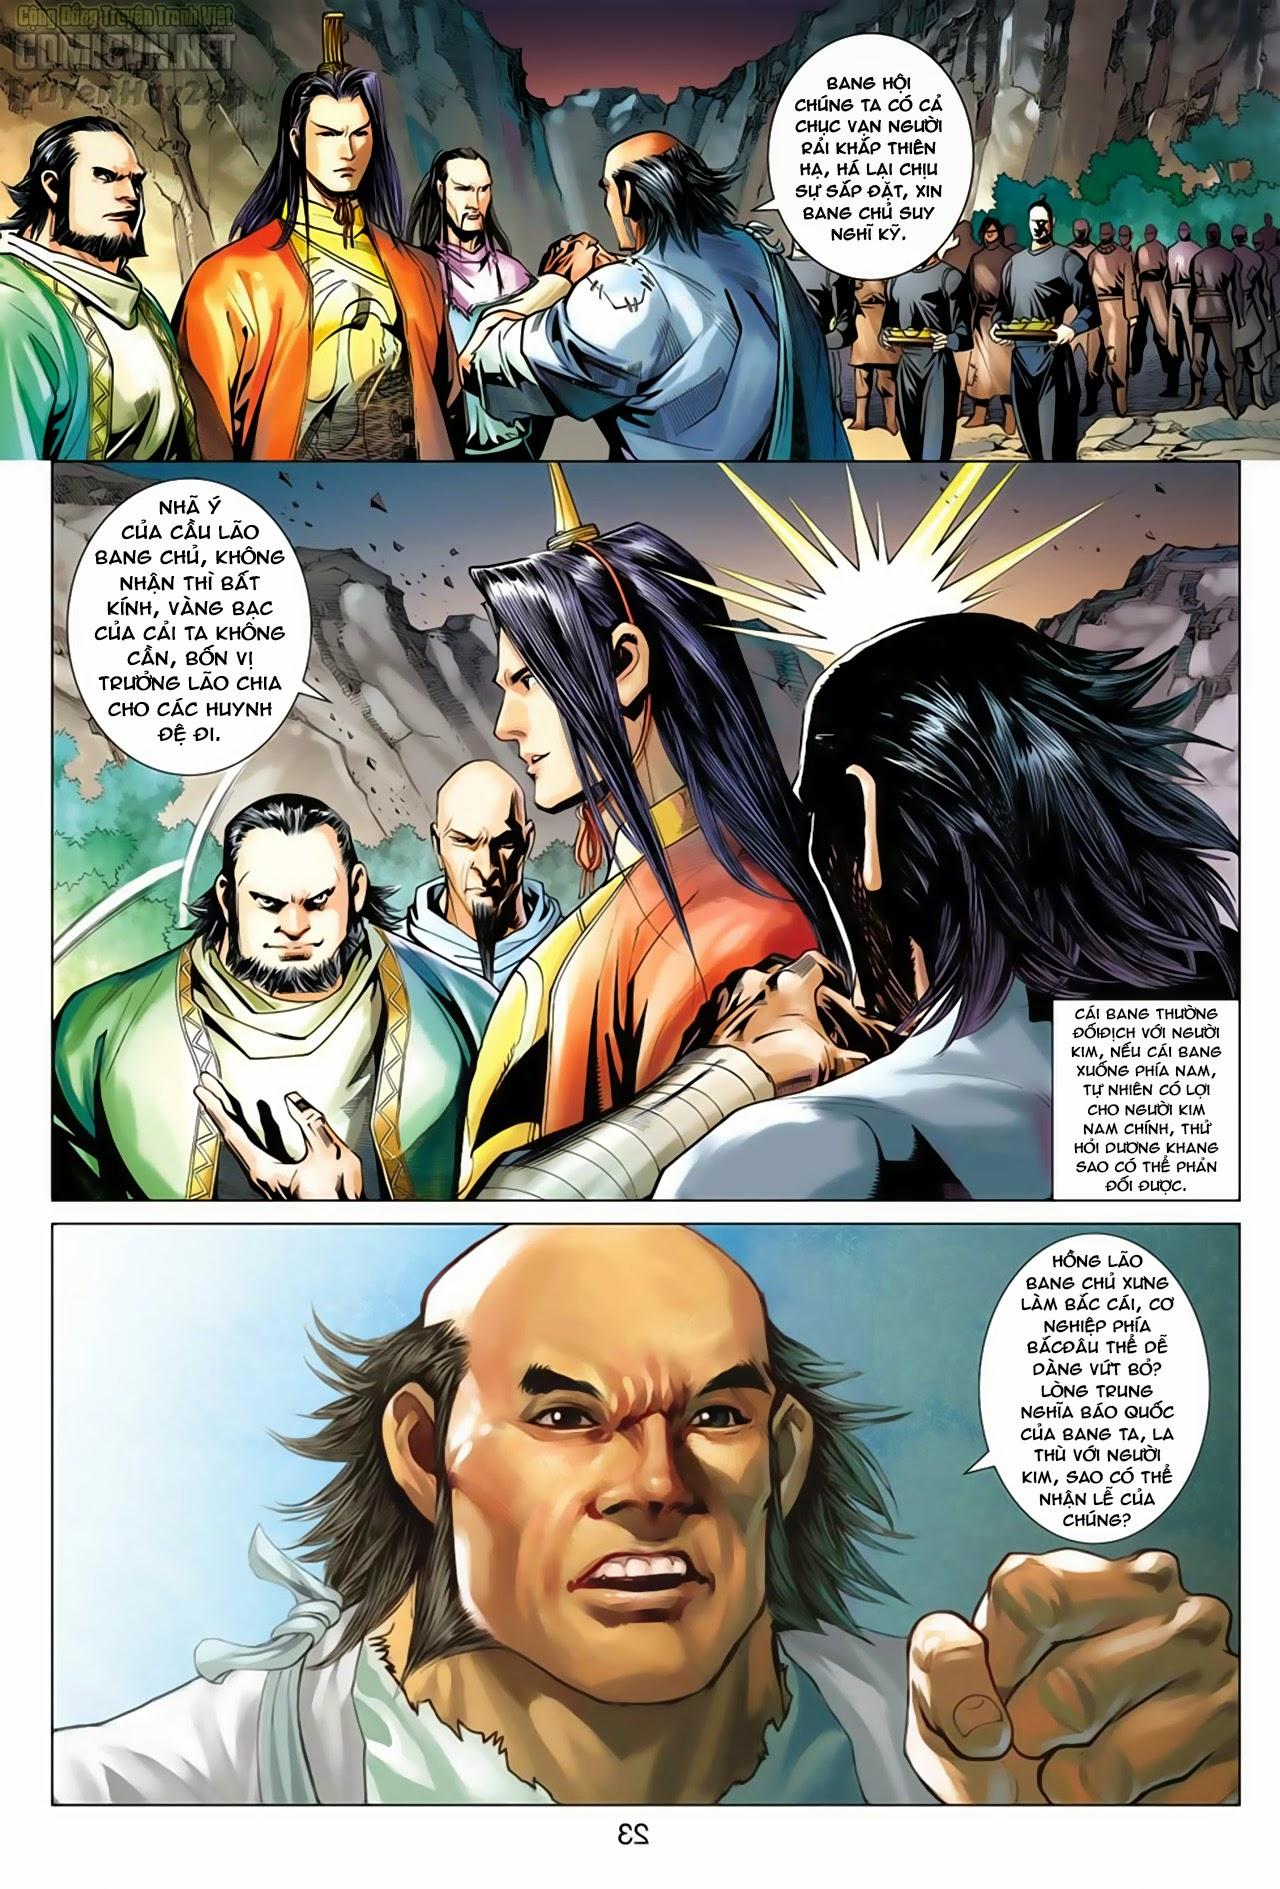 Anh Hùng Xạ Điêu anh hùng xạ đêu chap 66: nhạc châu đại hội trang 23